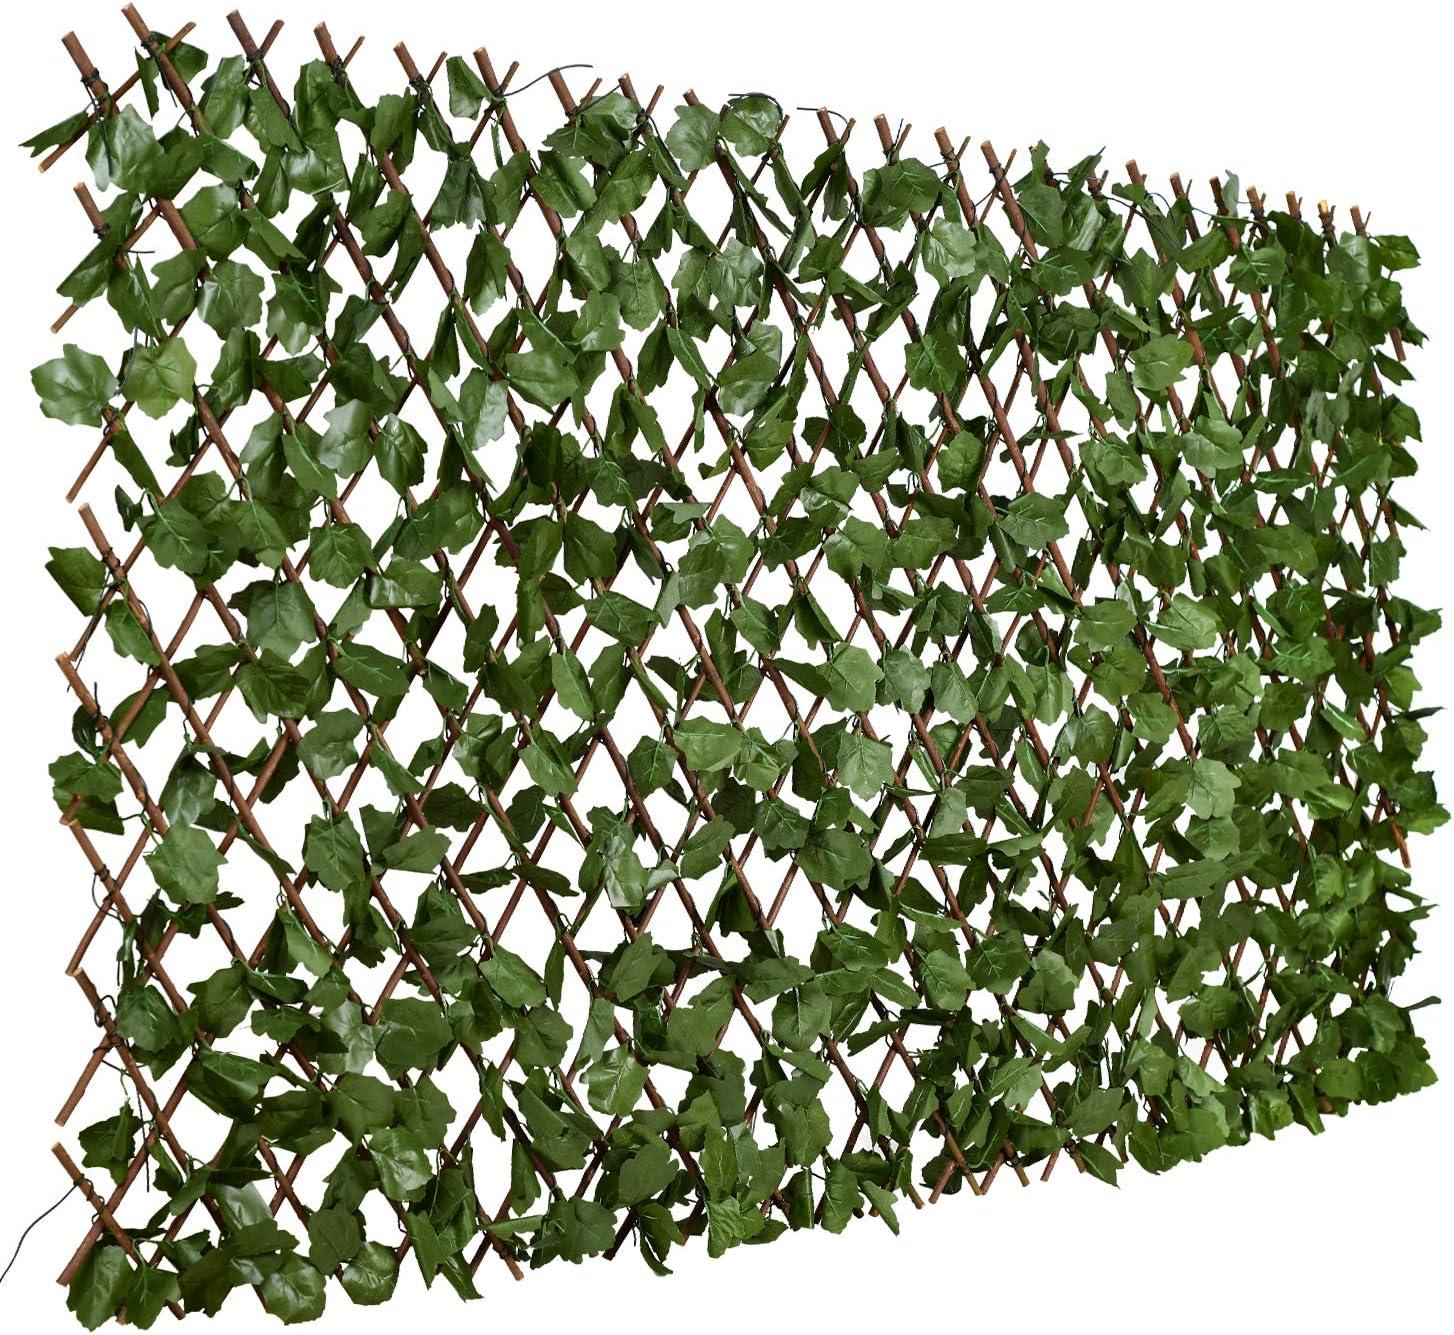 Paneles de privacidad artificial Planta de cobertura de topiario Setos artificiales Hiedra de imitaci/ón Hojas Valla Valla Malla Respaldo de protecci/ón UV Pantalla de privacidad Valla de jard/ín para